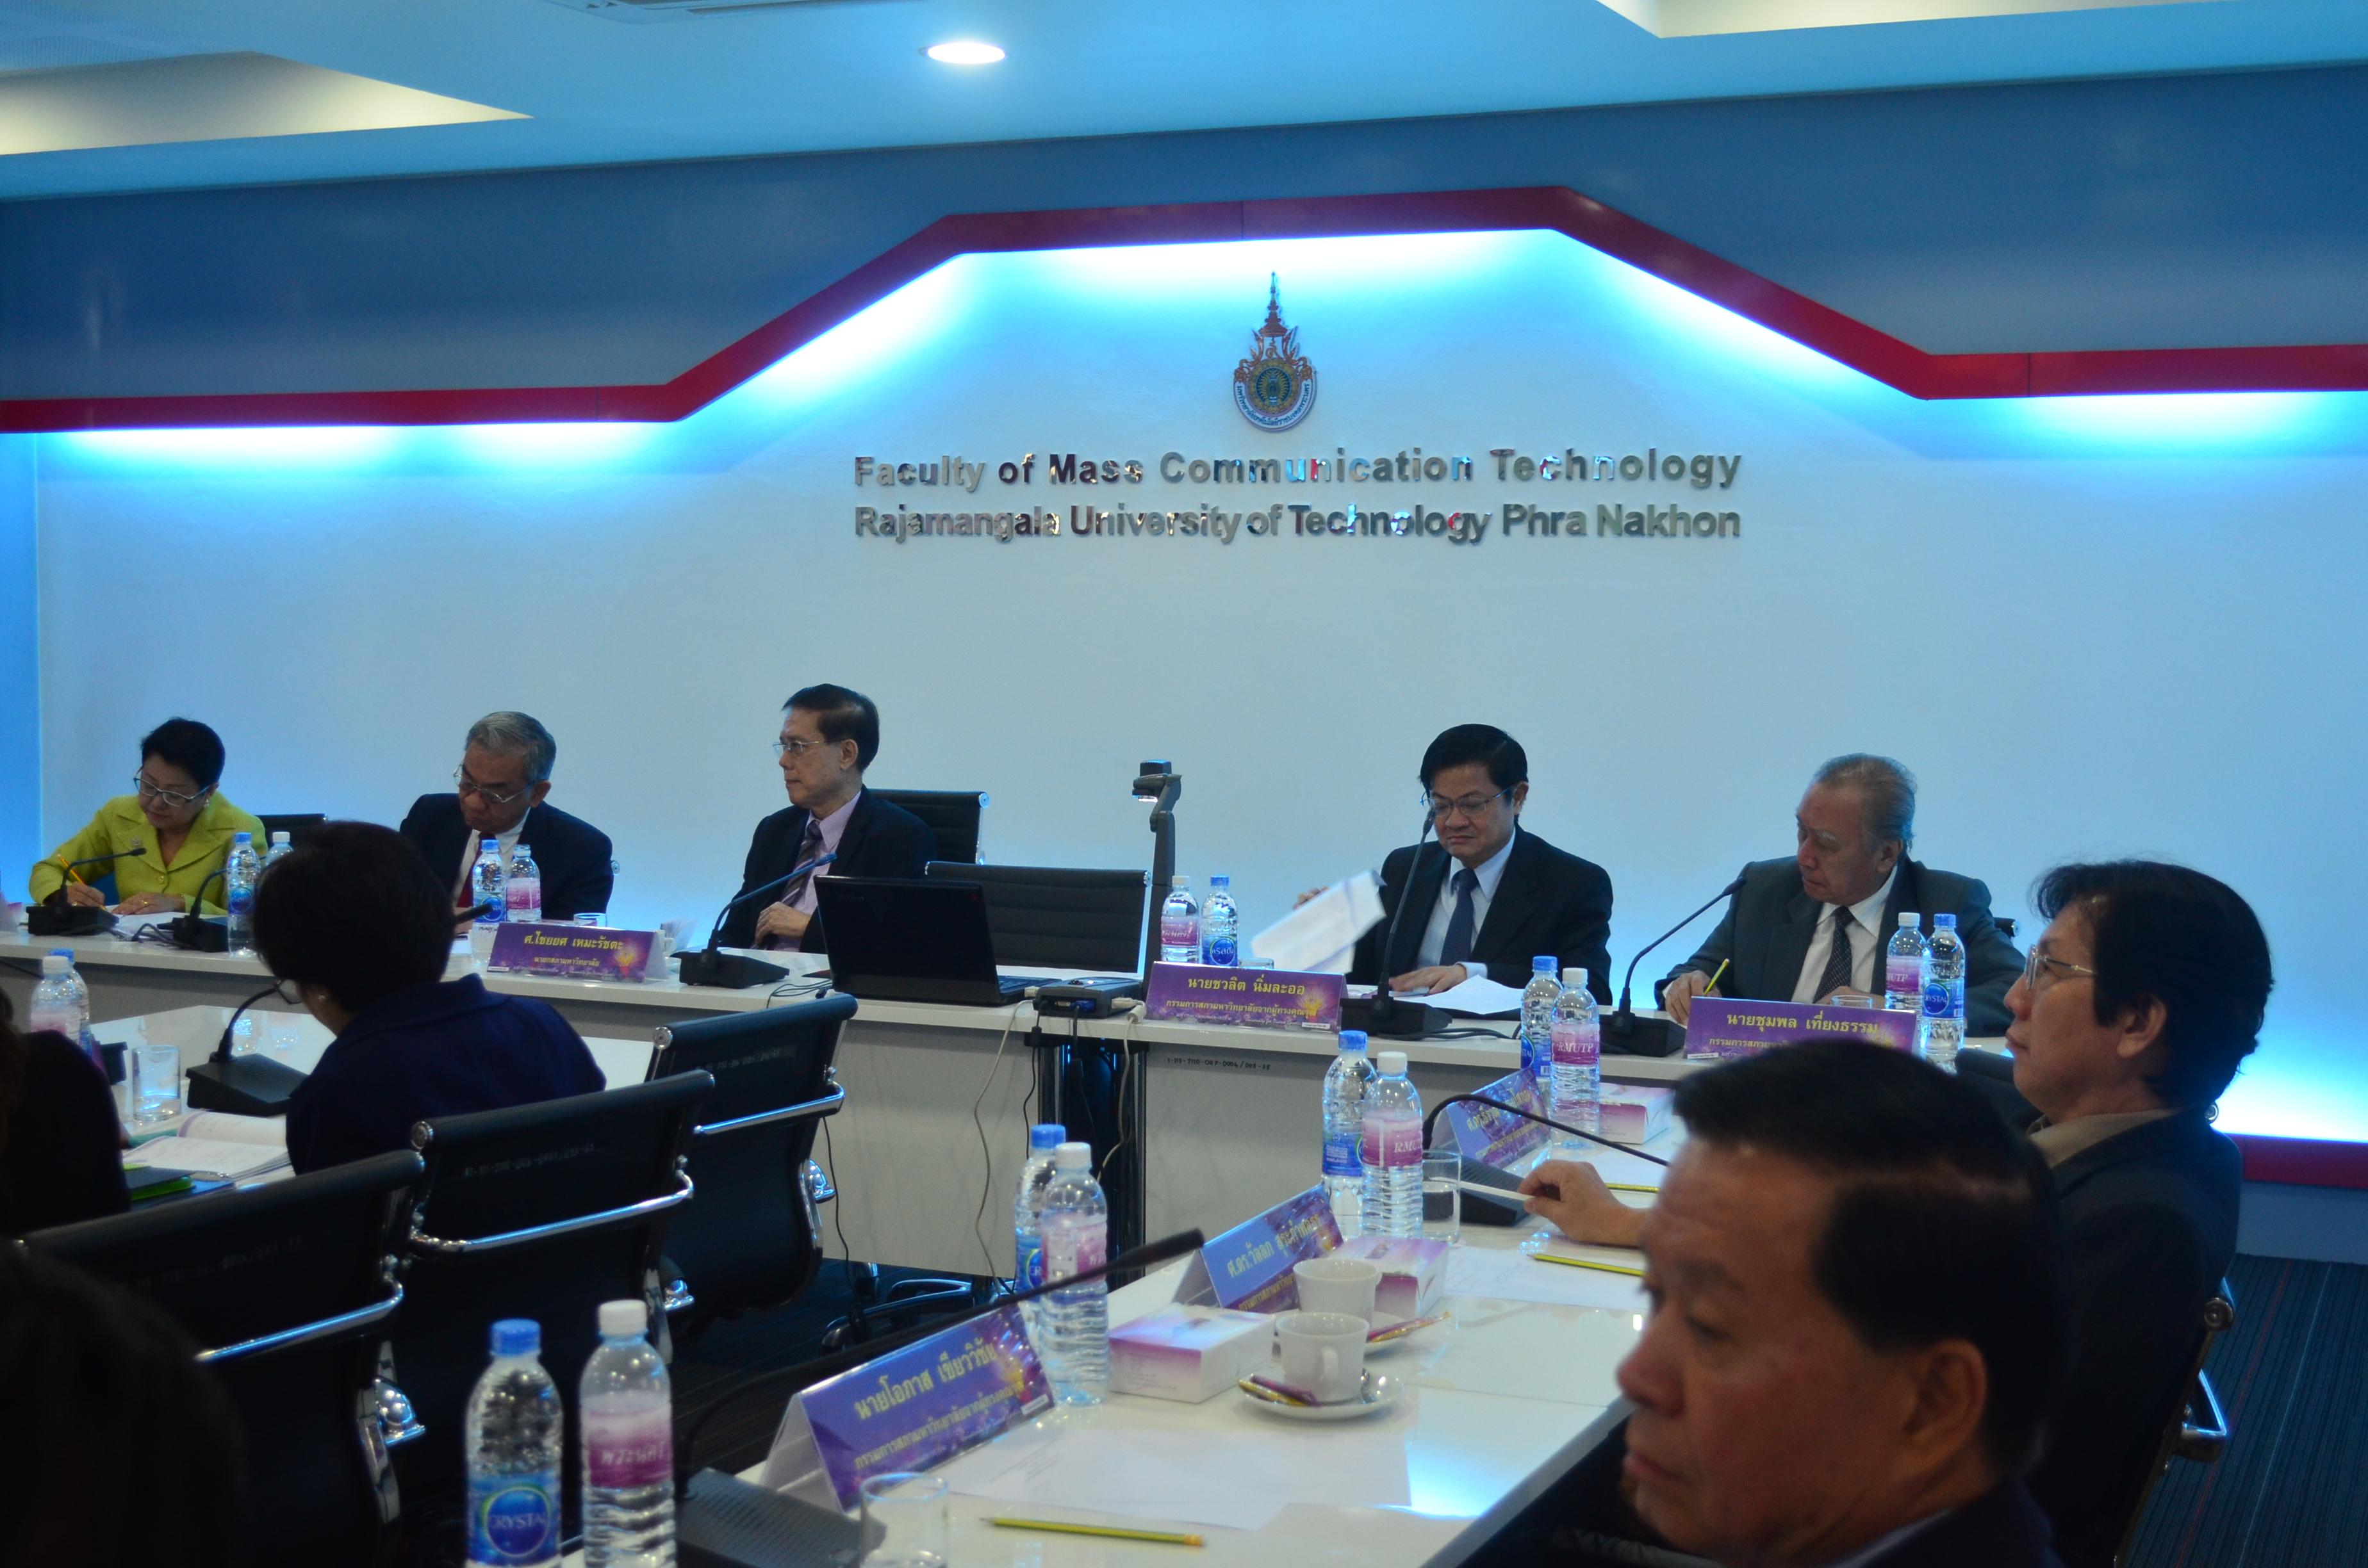 งานประชุมวันสภาพบผู้บริหารมหาวิทยาลัยเทคโนโลยีราชมงคลพระนคร ครั้งที่ 1/2557